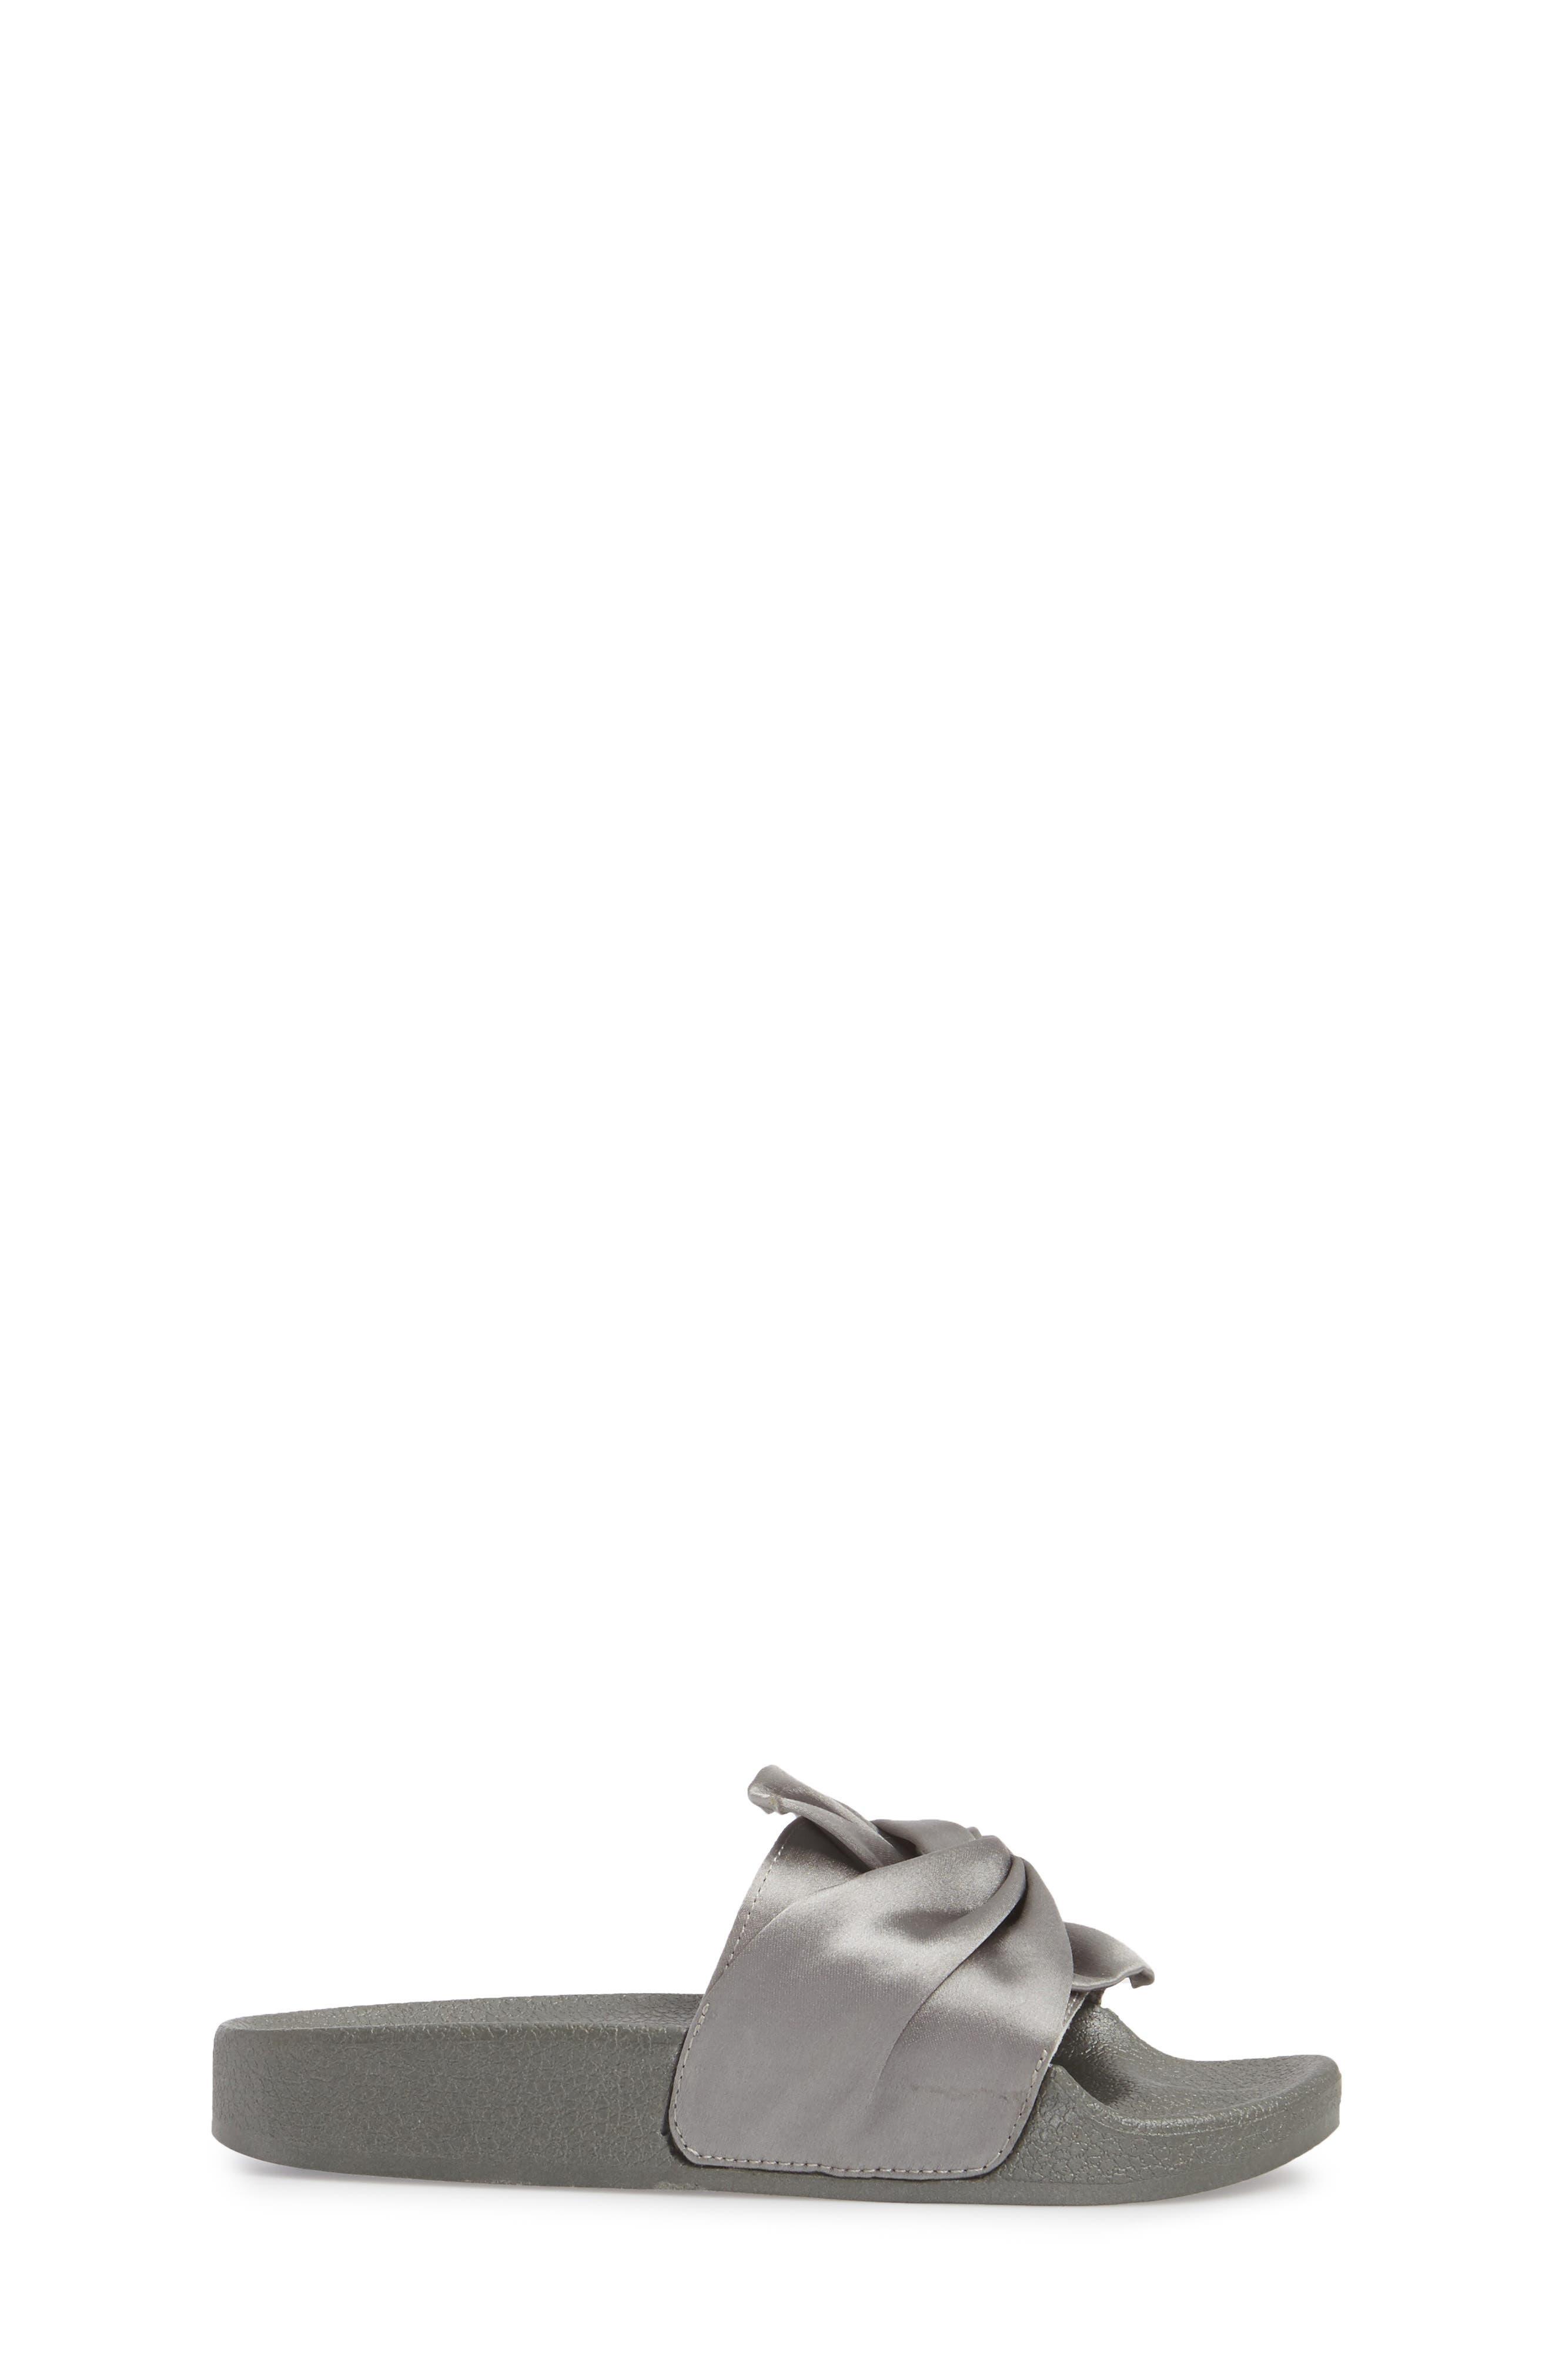 Shower Twist Slide Sandal,                             Alternate thumbnail 3, color,                             GRAY